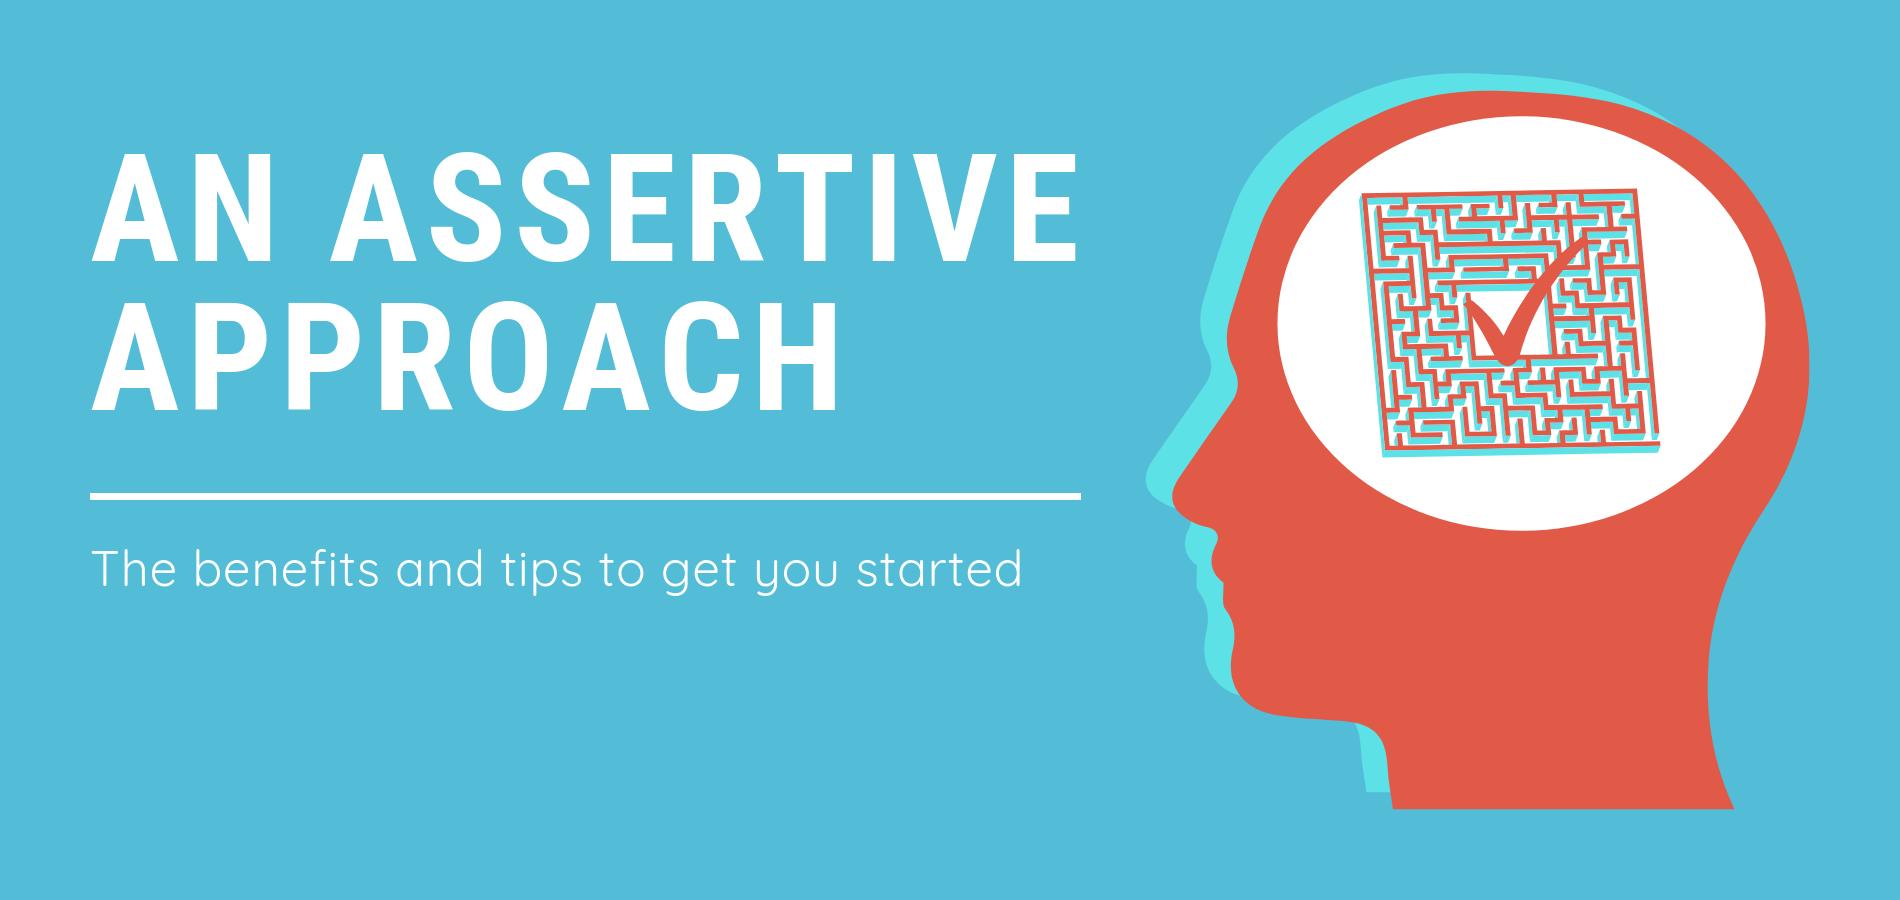 An Assertive Approach